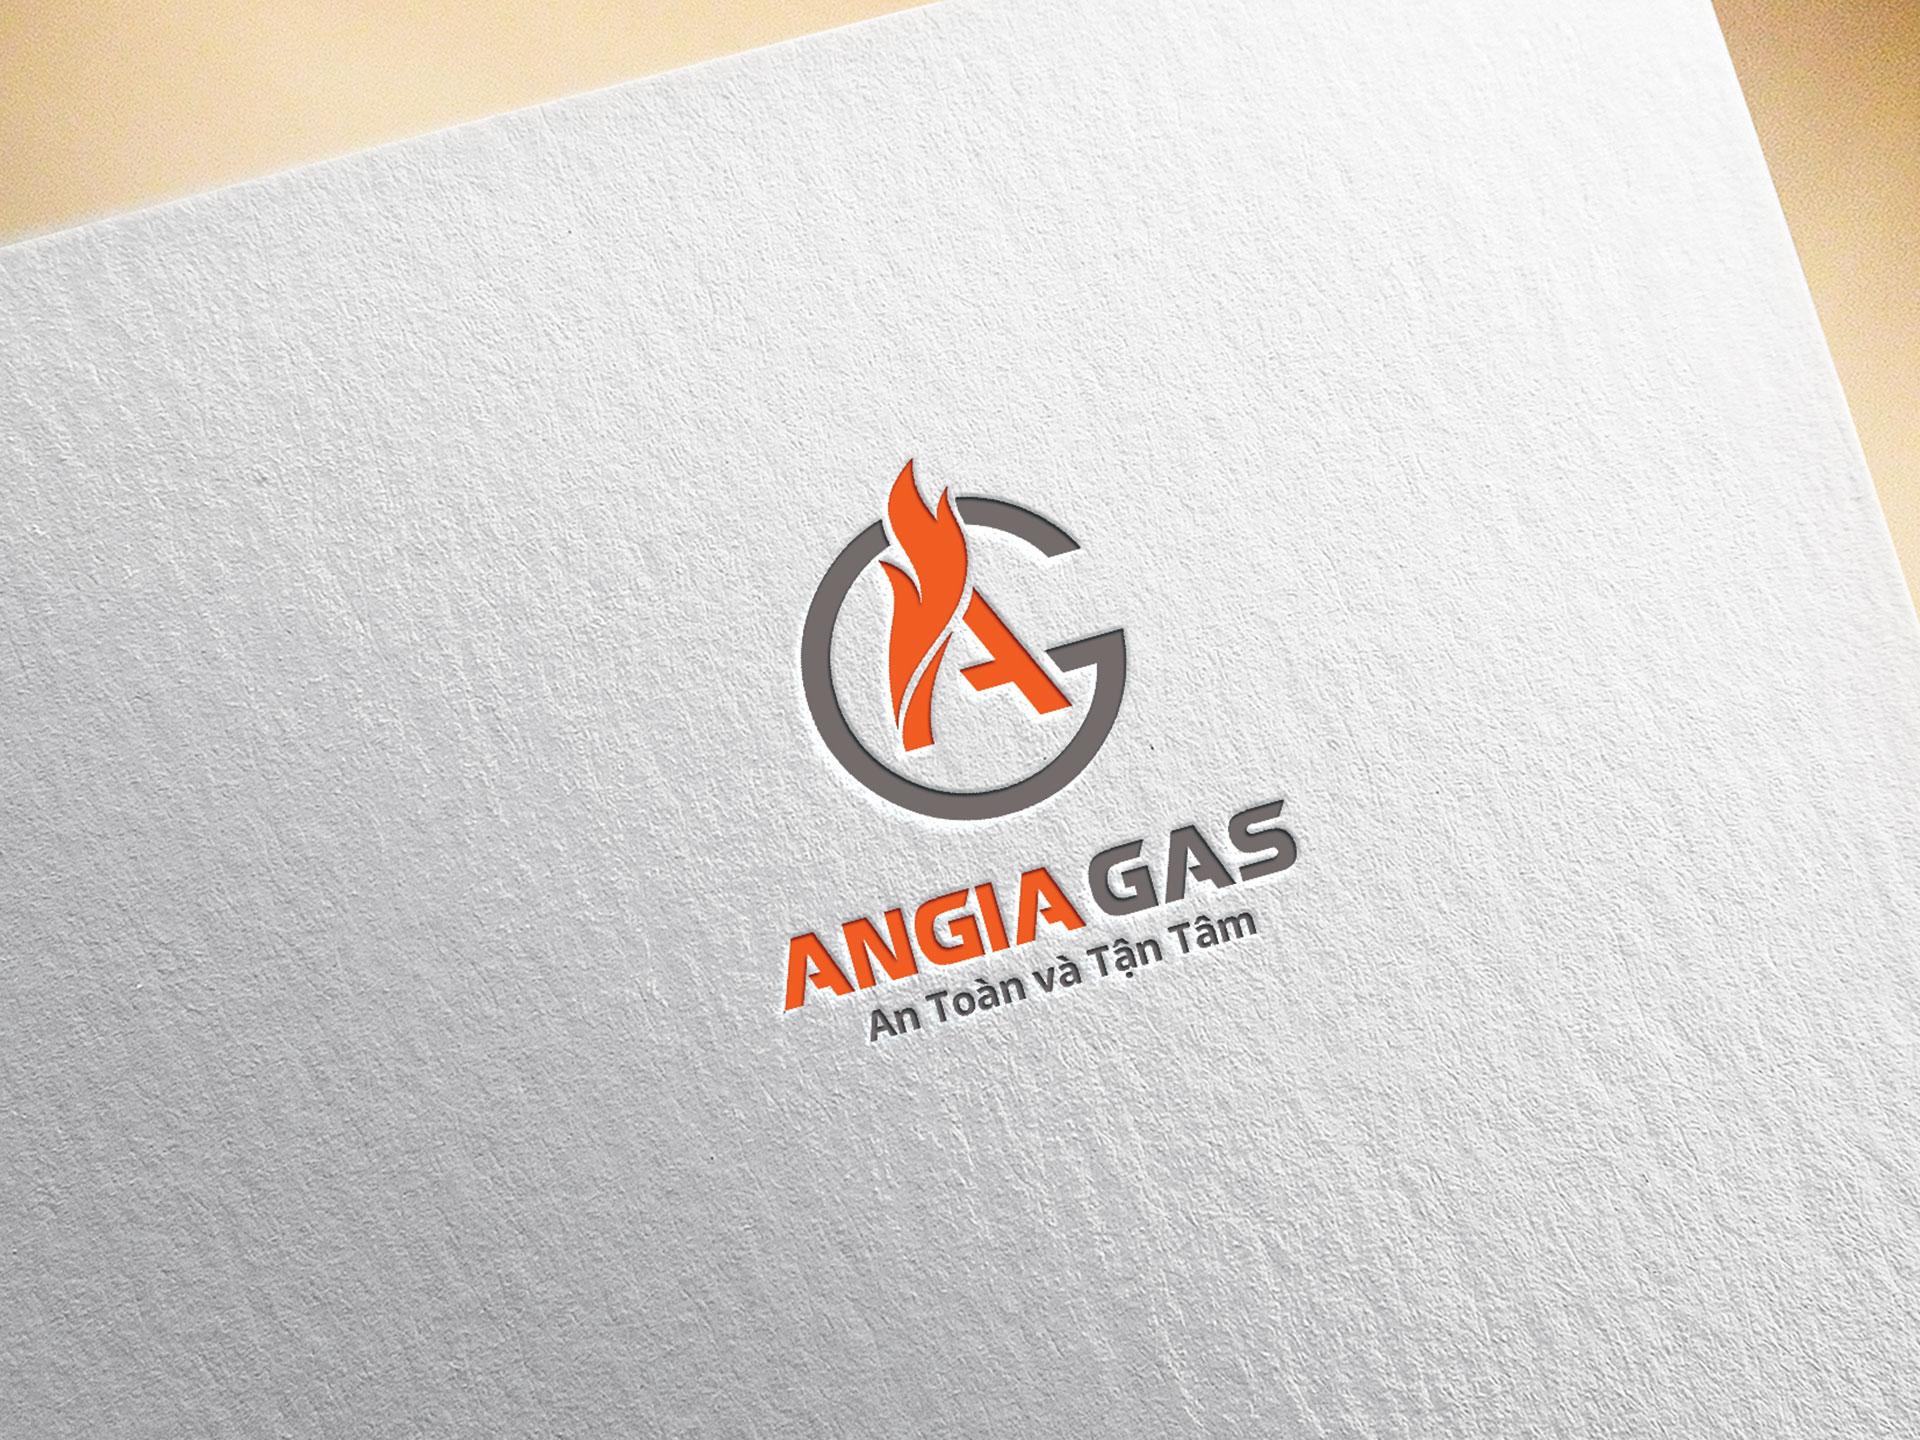 Sáng tác tên, slogan và thiết kế logo công ty dầu khí Vân Phương Vy tại TP HCM